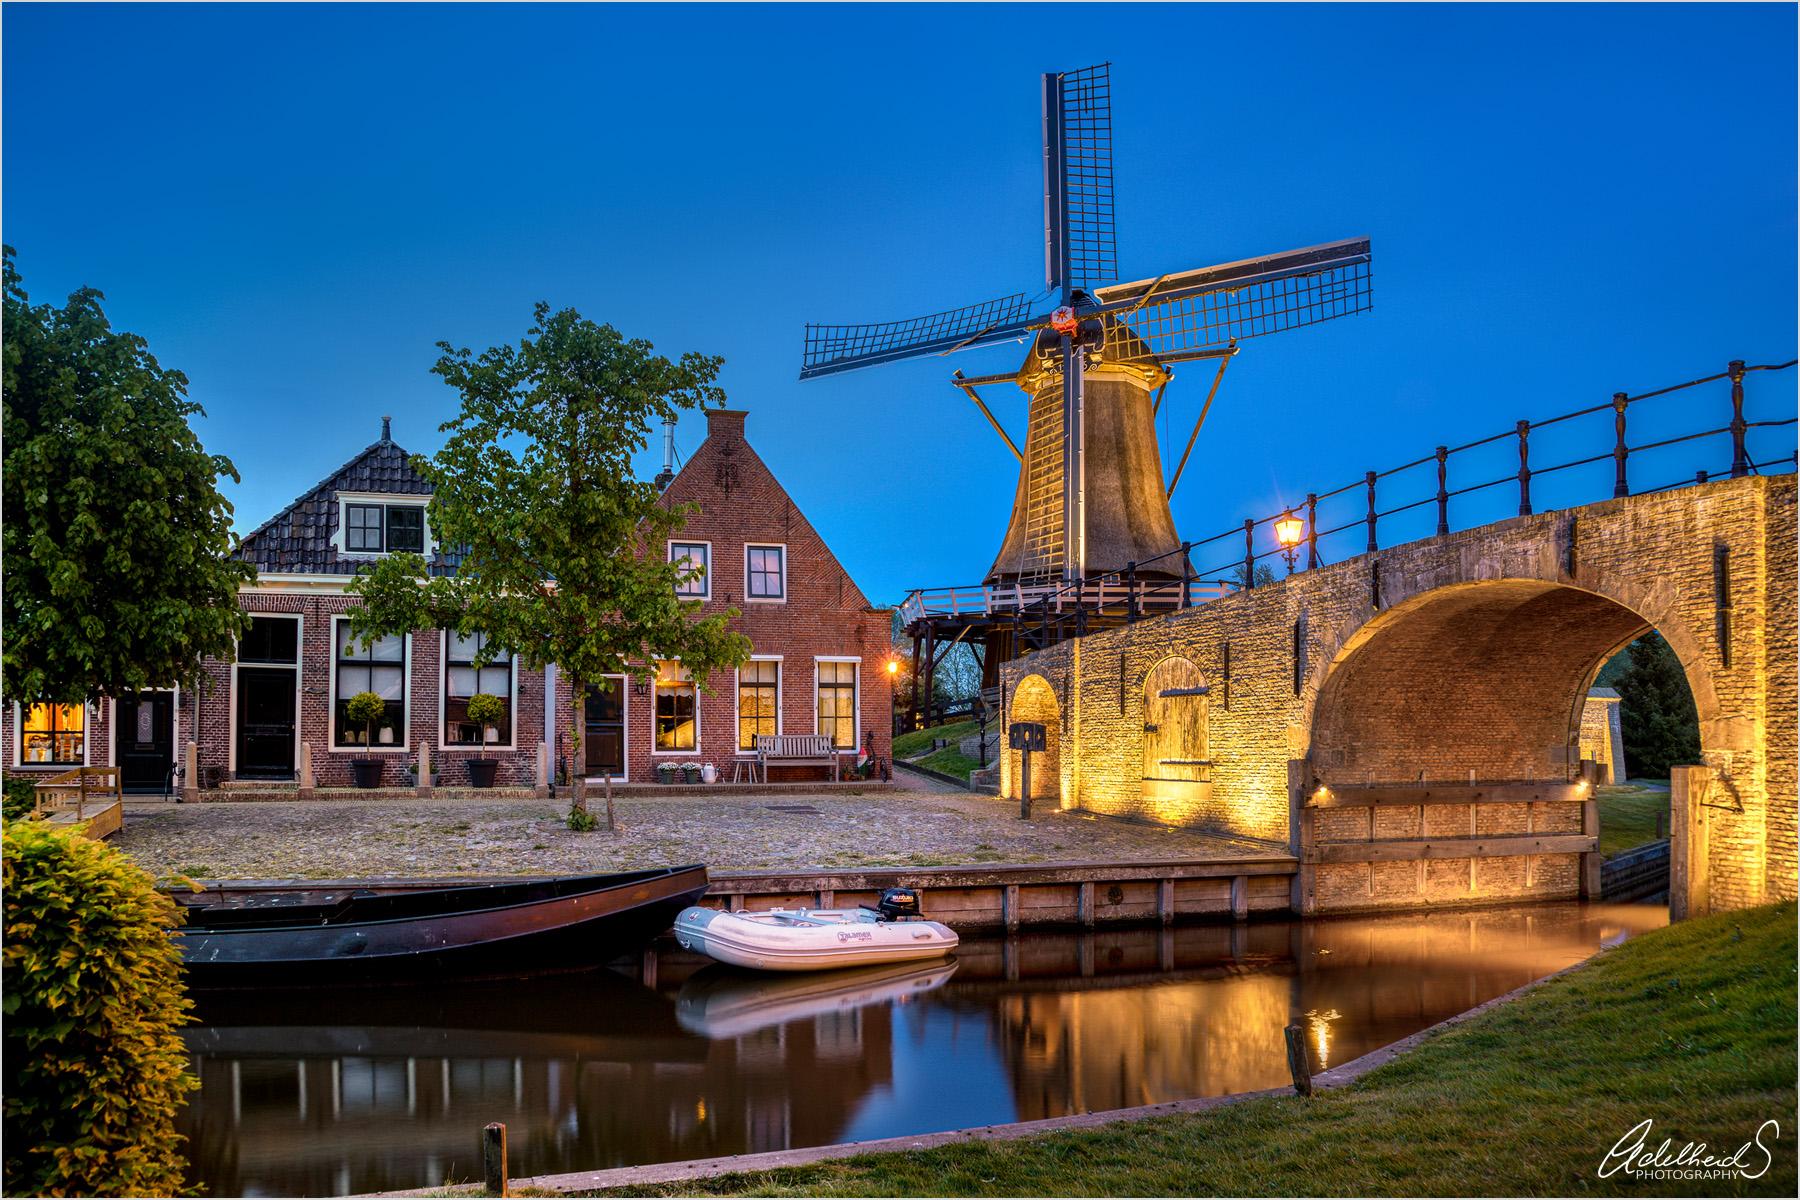 Sloten, Netherlands